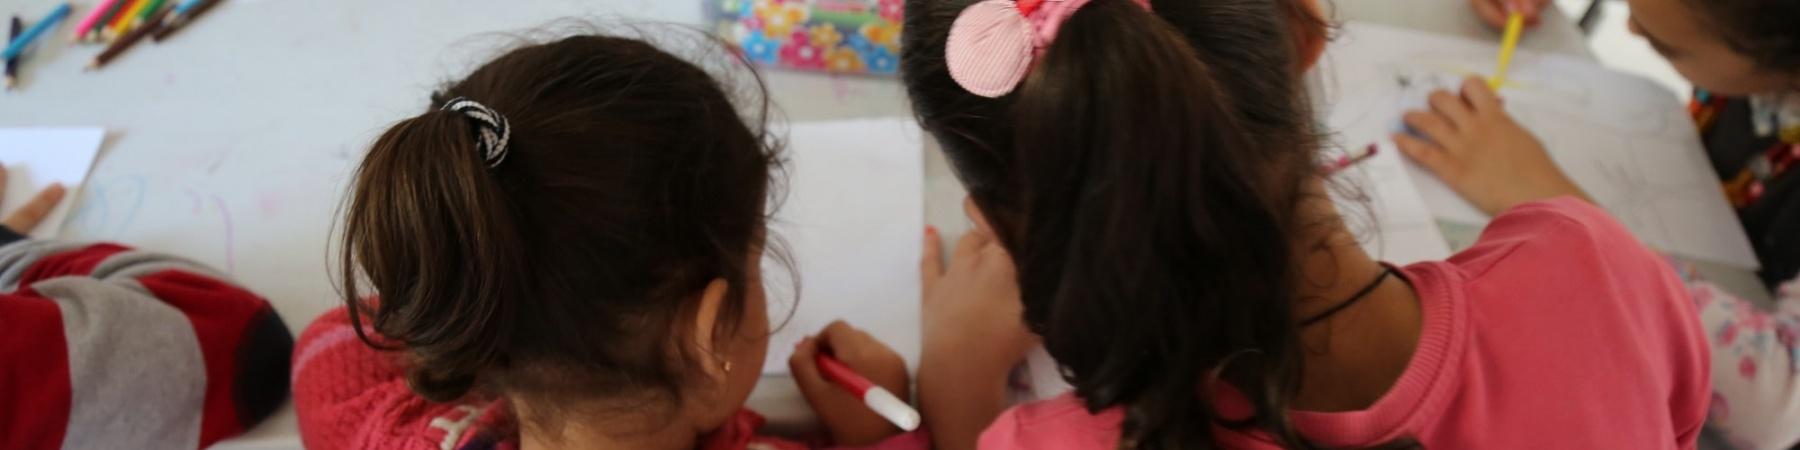 due bambine di spalle al banco di scuola che disegnano